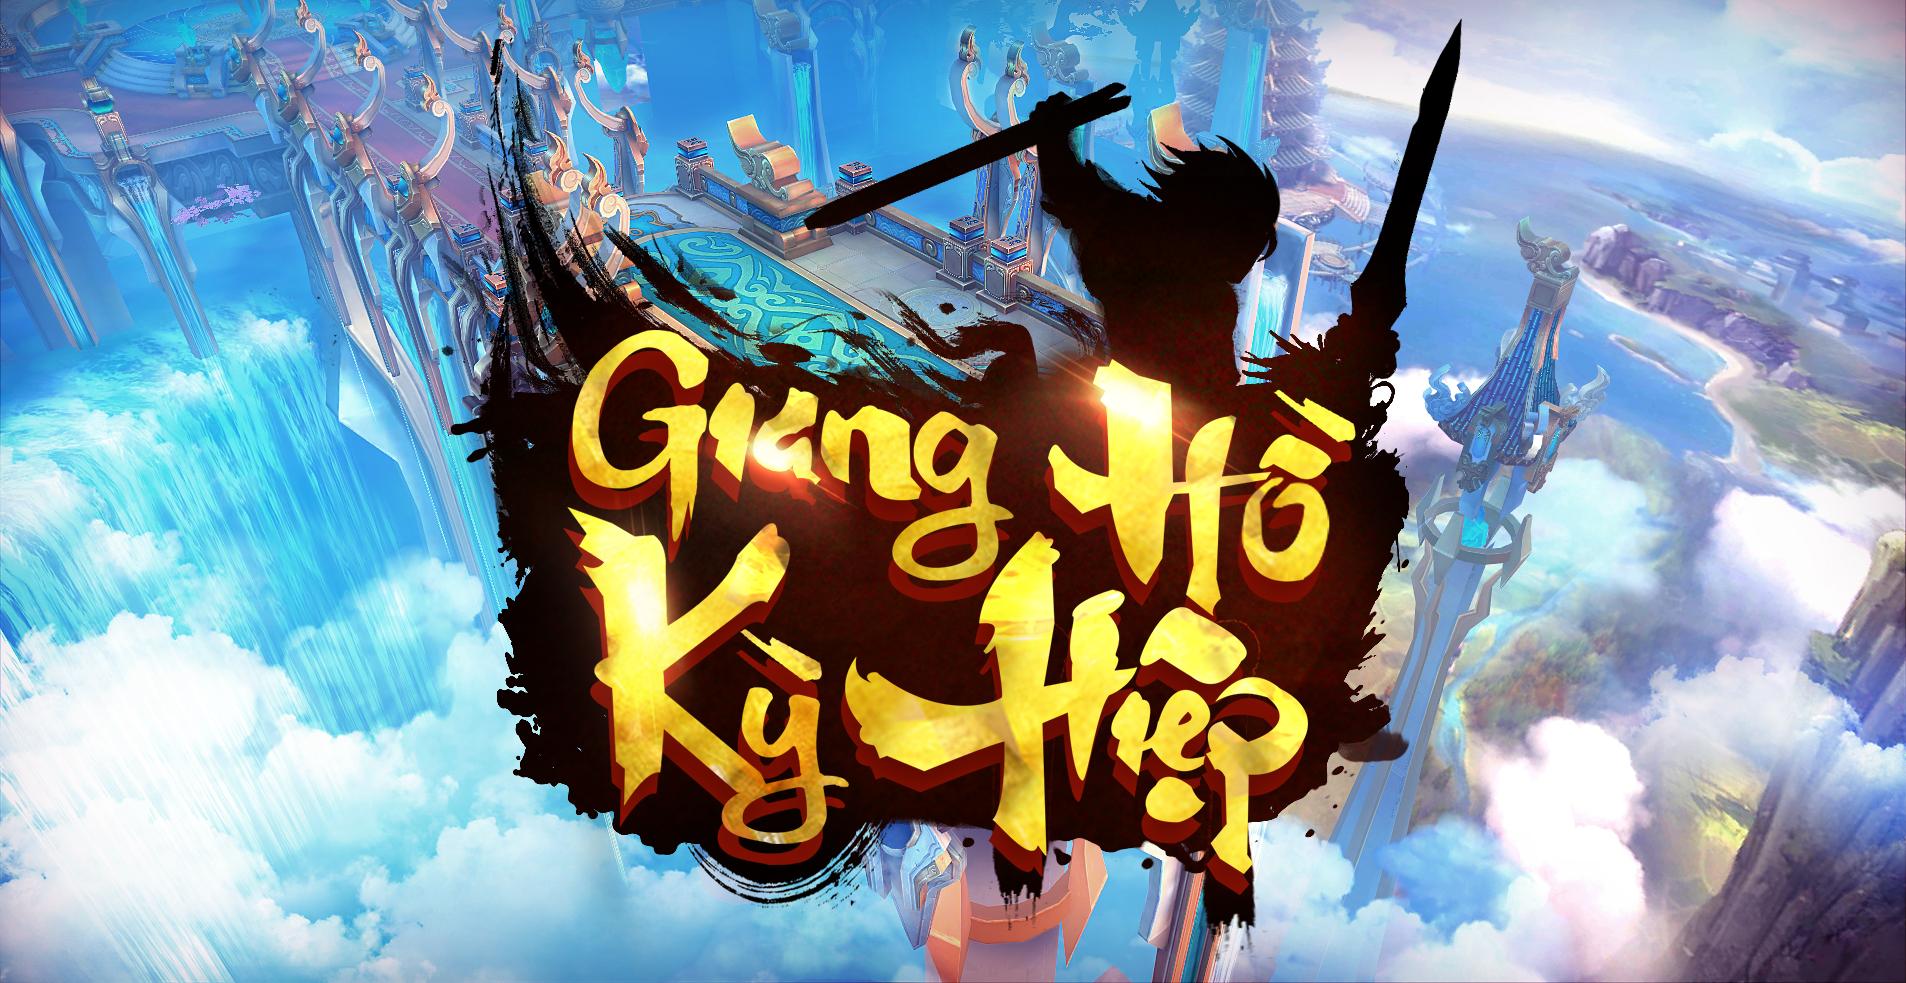 tong-hop-ket-qua-su-kien-dua-top-quan-long-tranh-ba